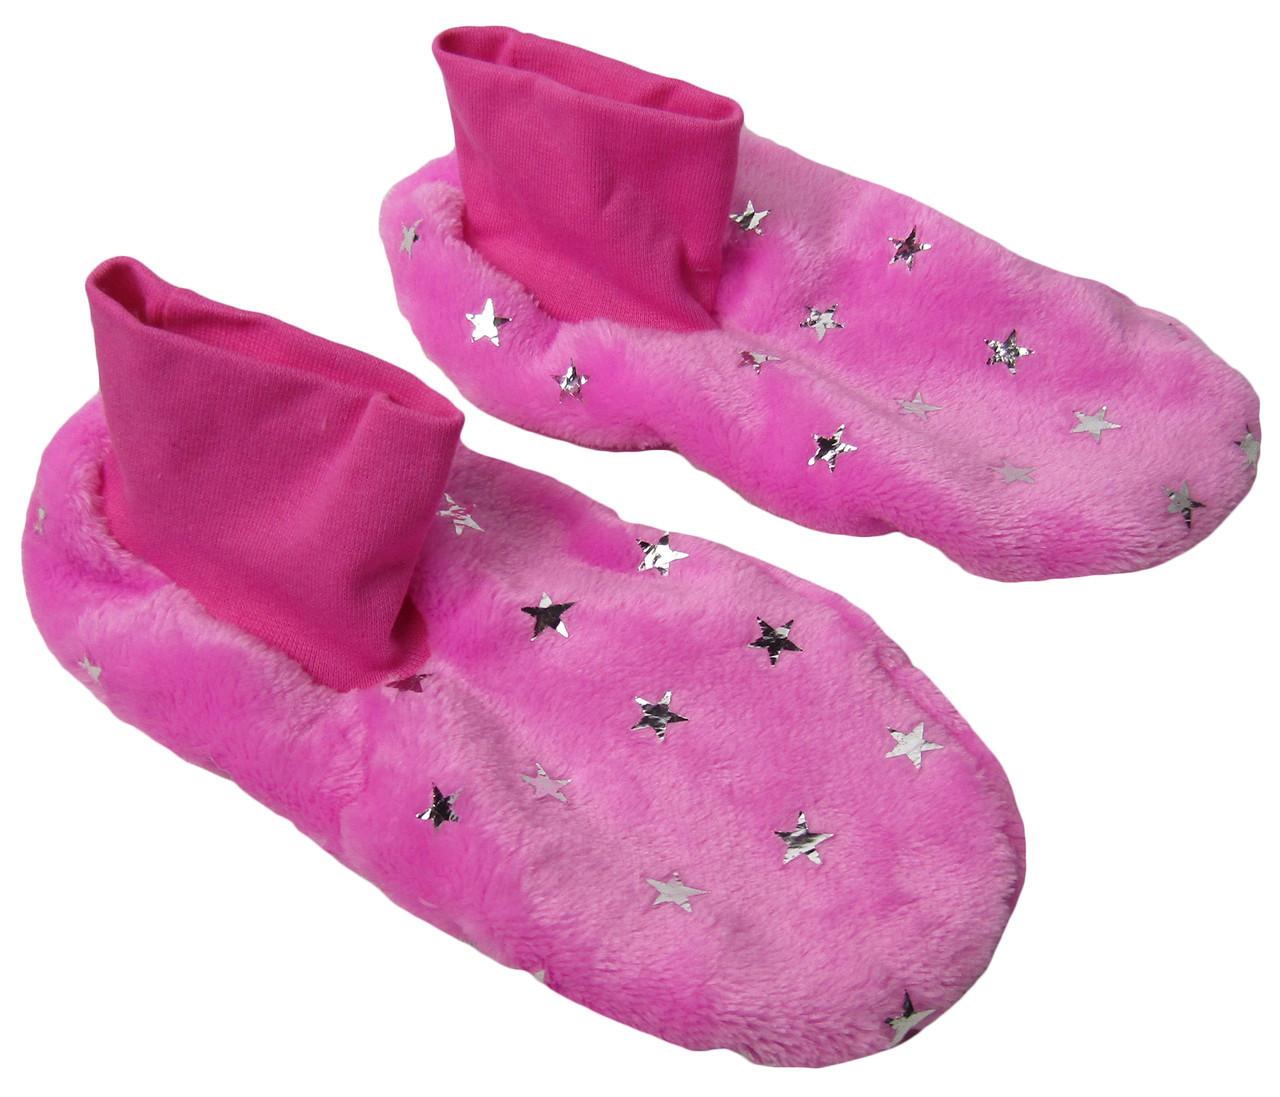 Тапочки - ботиночки женские домашние махровые 18205 Pink Звездочки длина подошвы 25 см